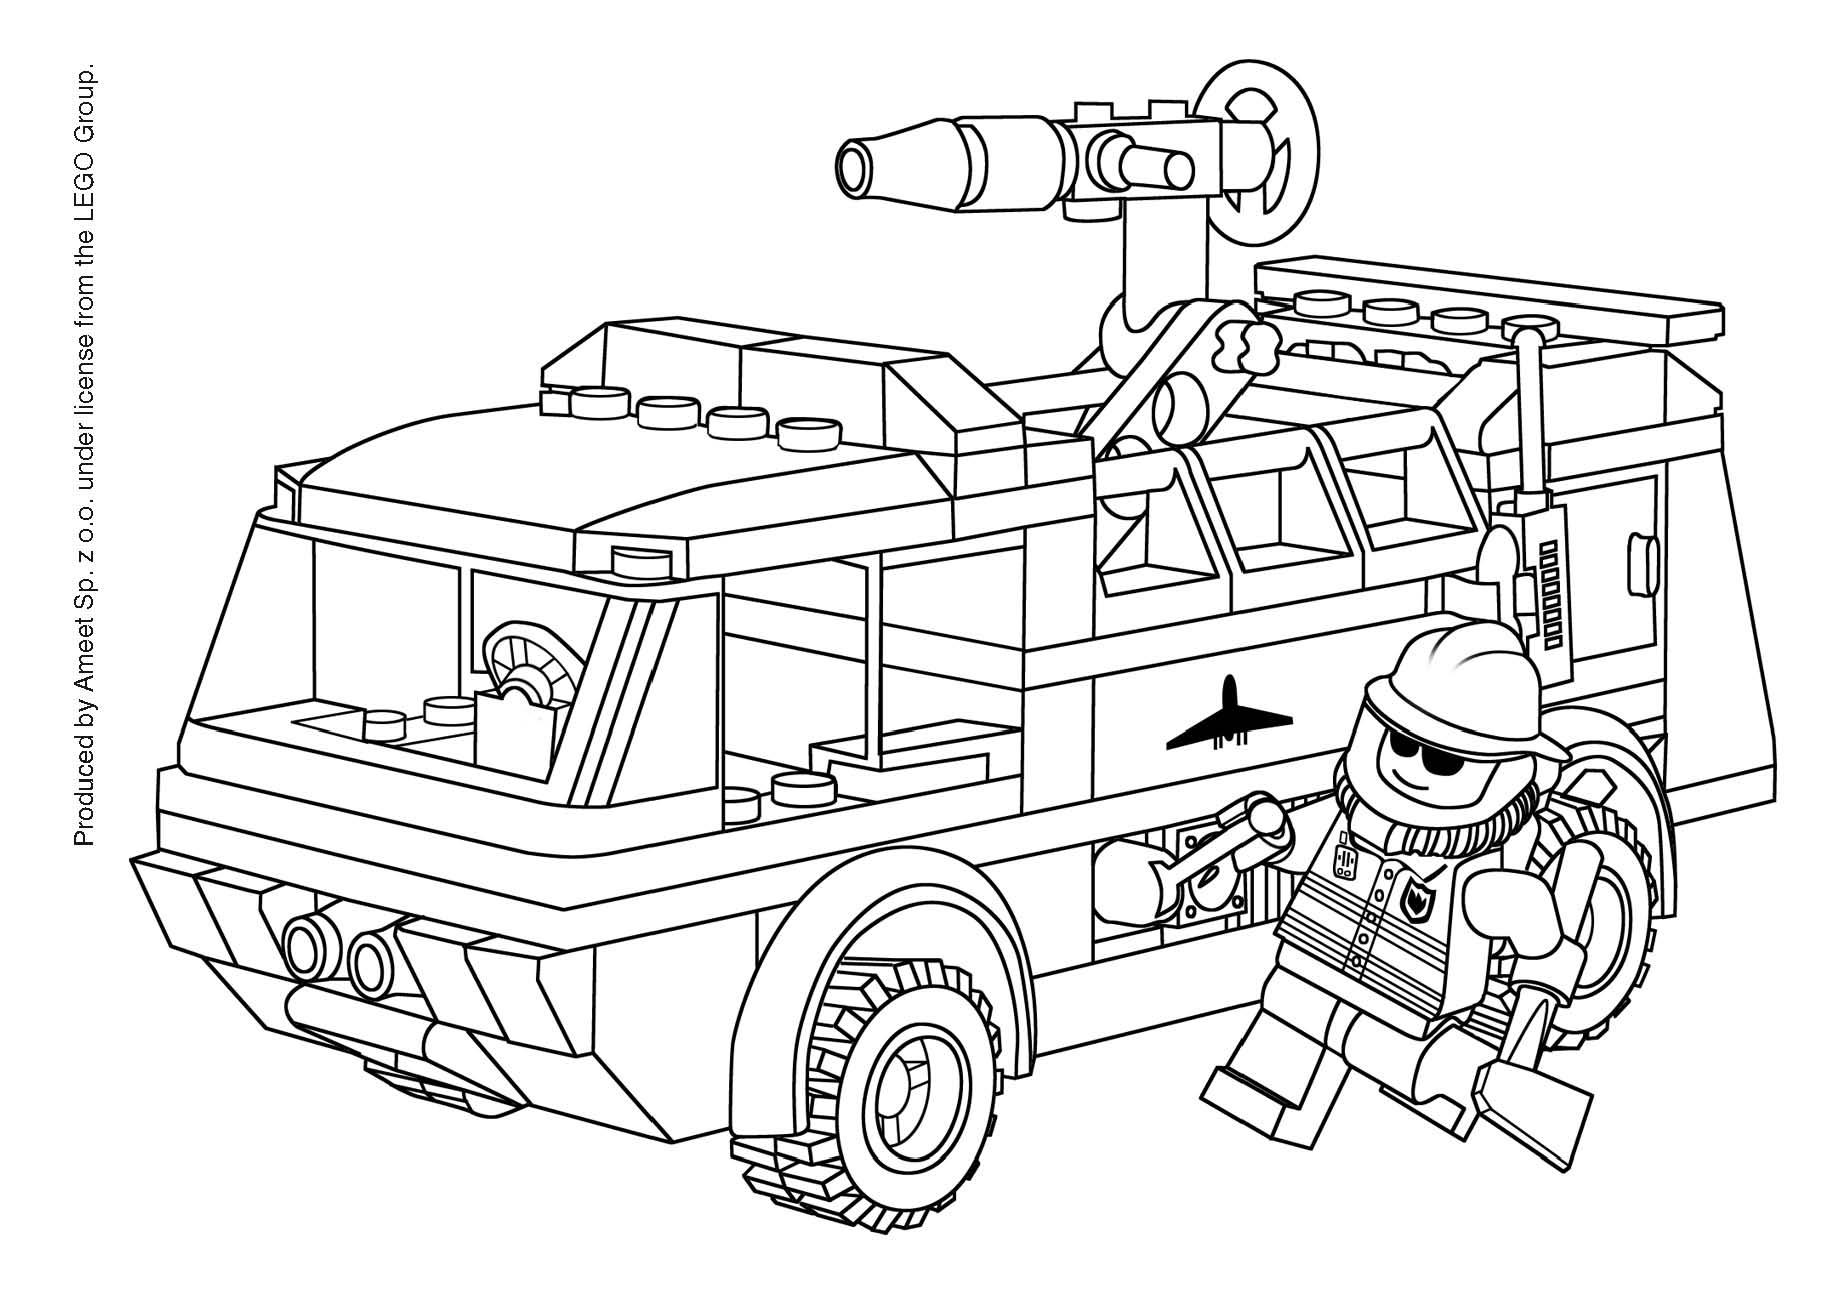 Camion De Pompier #7 (Transport) – Coloriages À Imprimer encequiconcerne Coloriage Pompier A Imprimer Gratuit